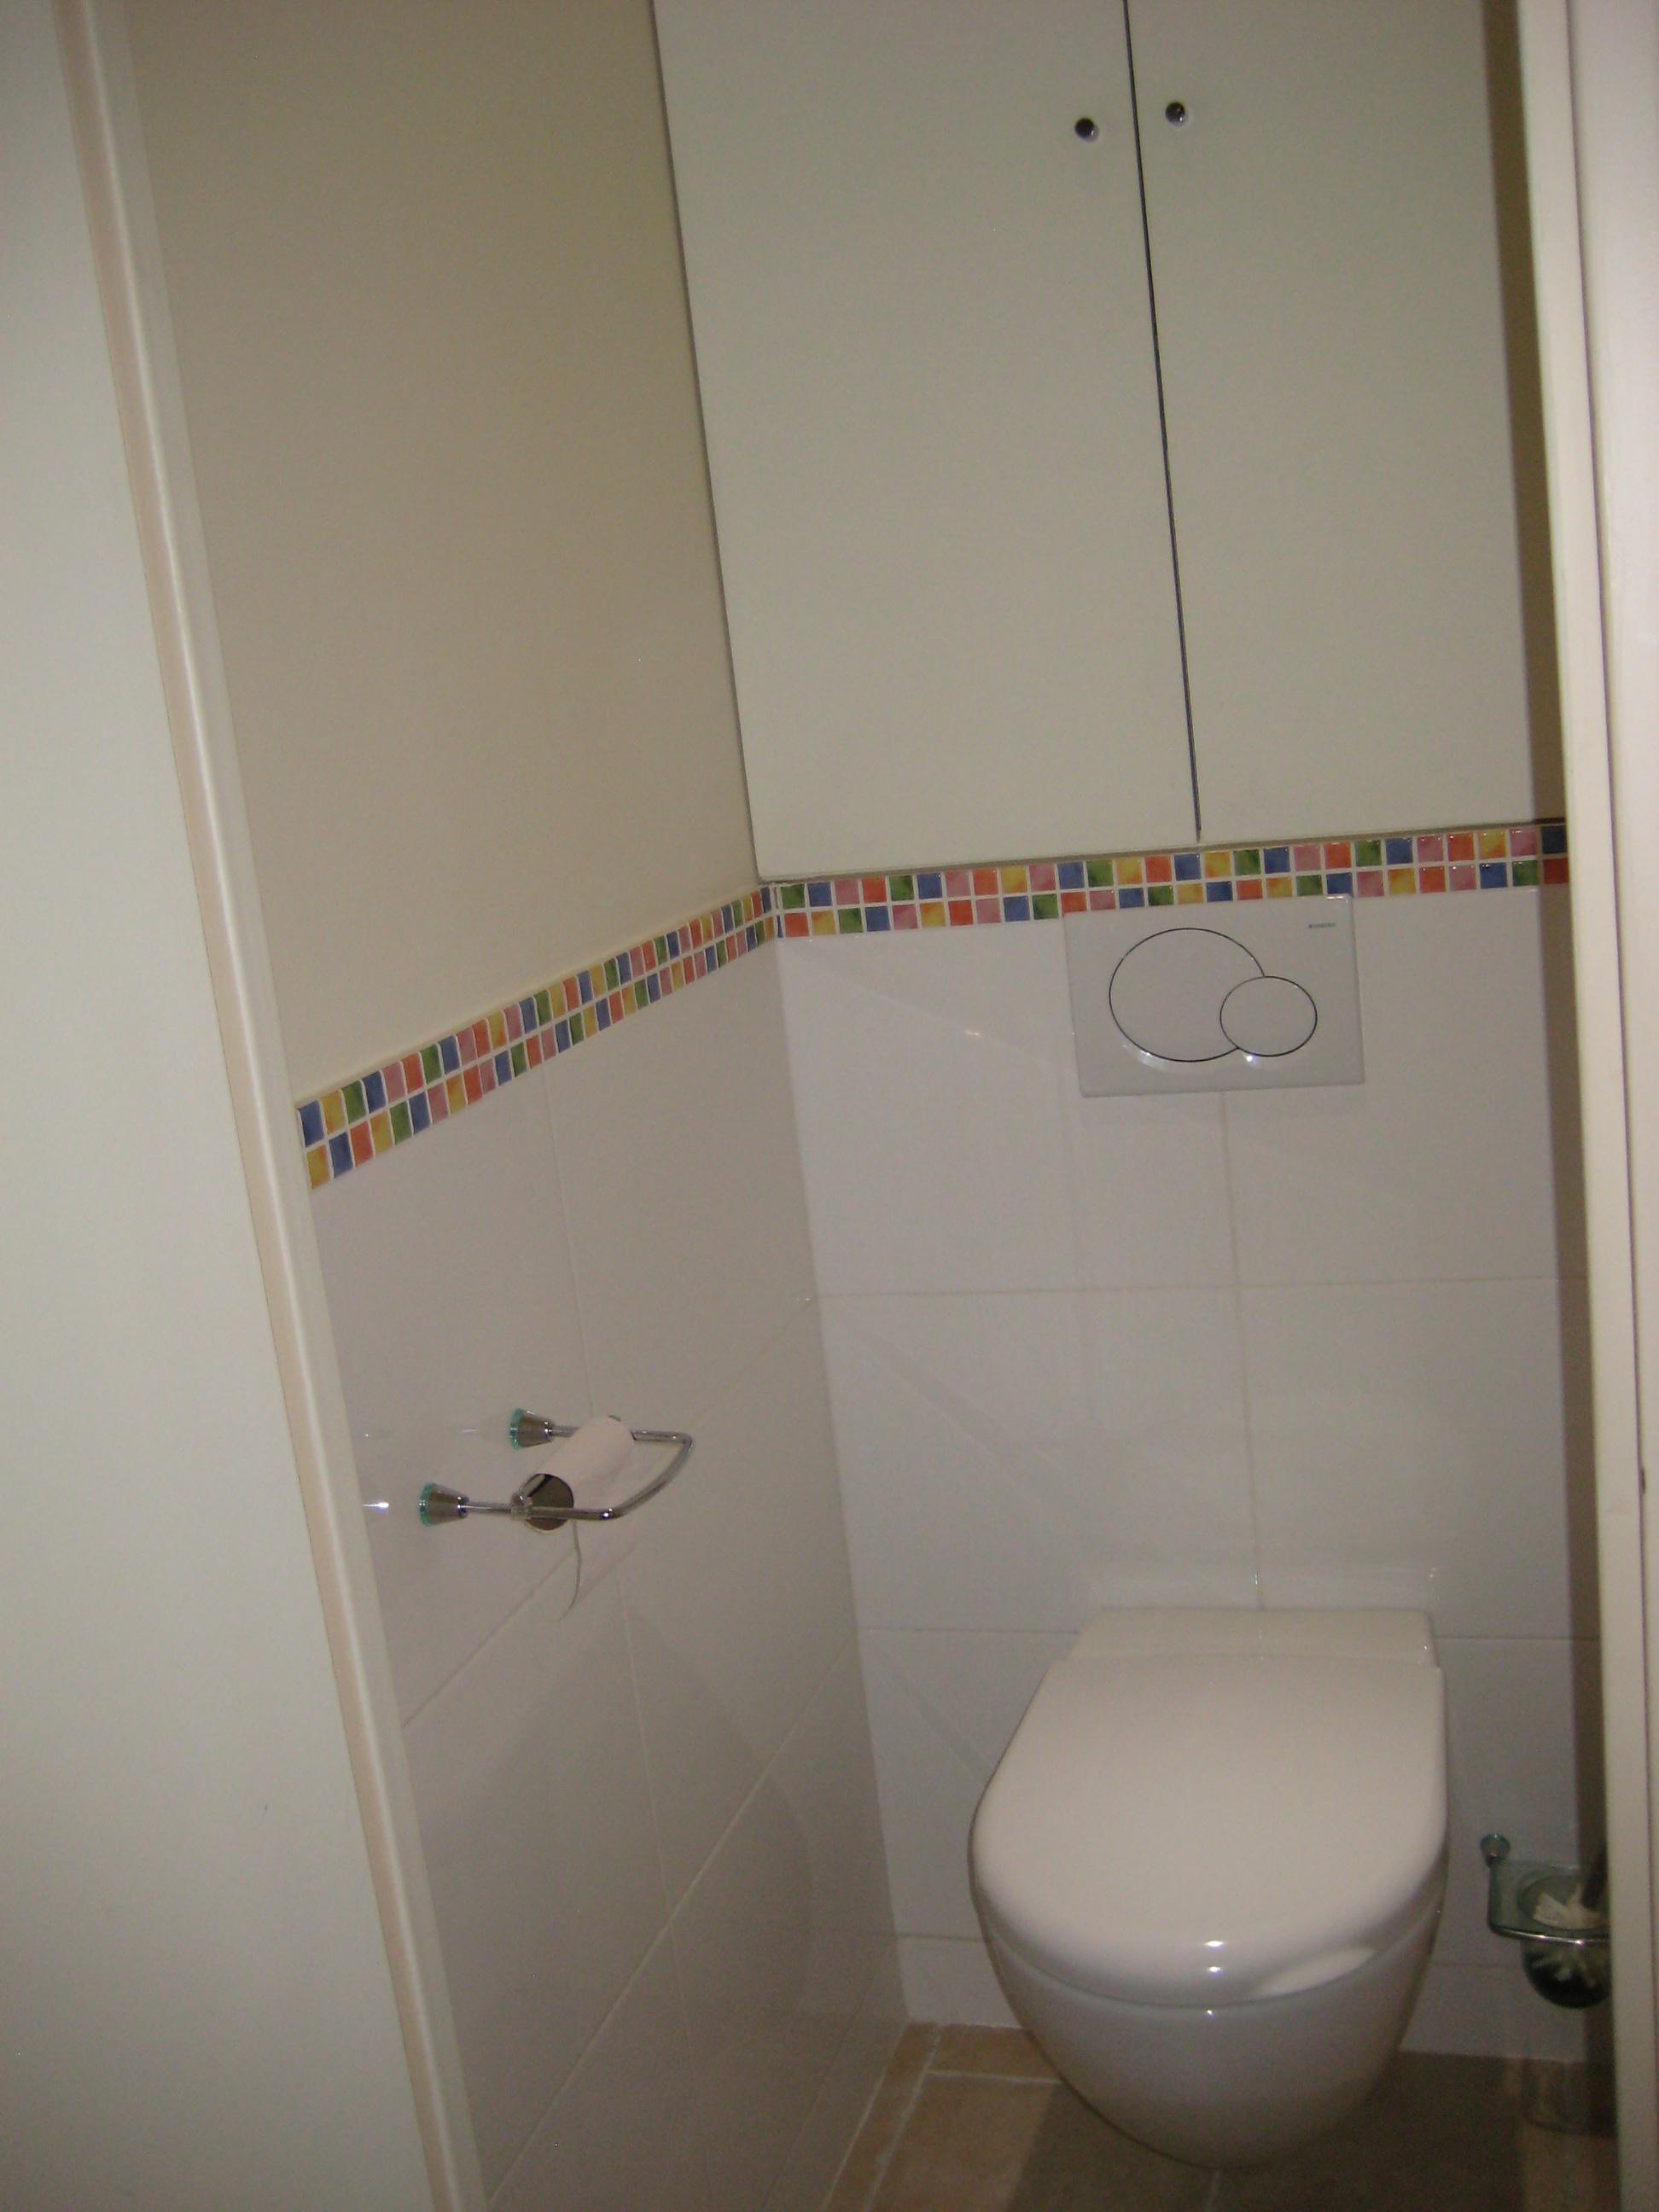 Lapeyre wc suspendu pack wc suspendu univers sol salle de bains wc suspendu grohe lapeyre - Meuble wc suspendu lapeyre ...